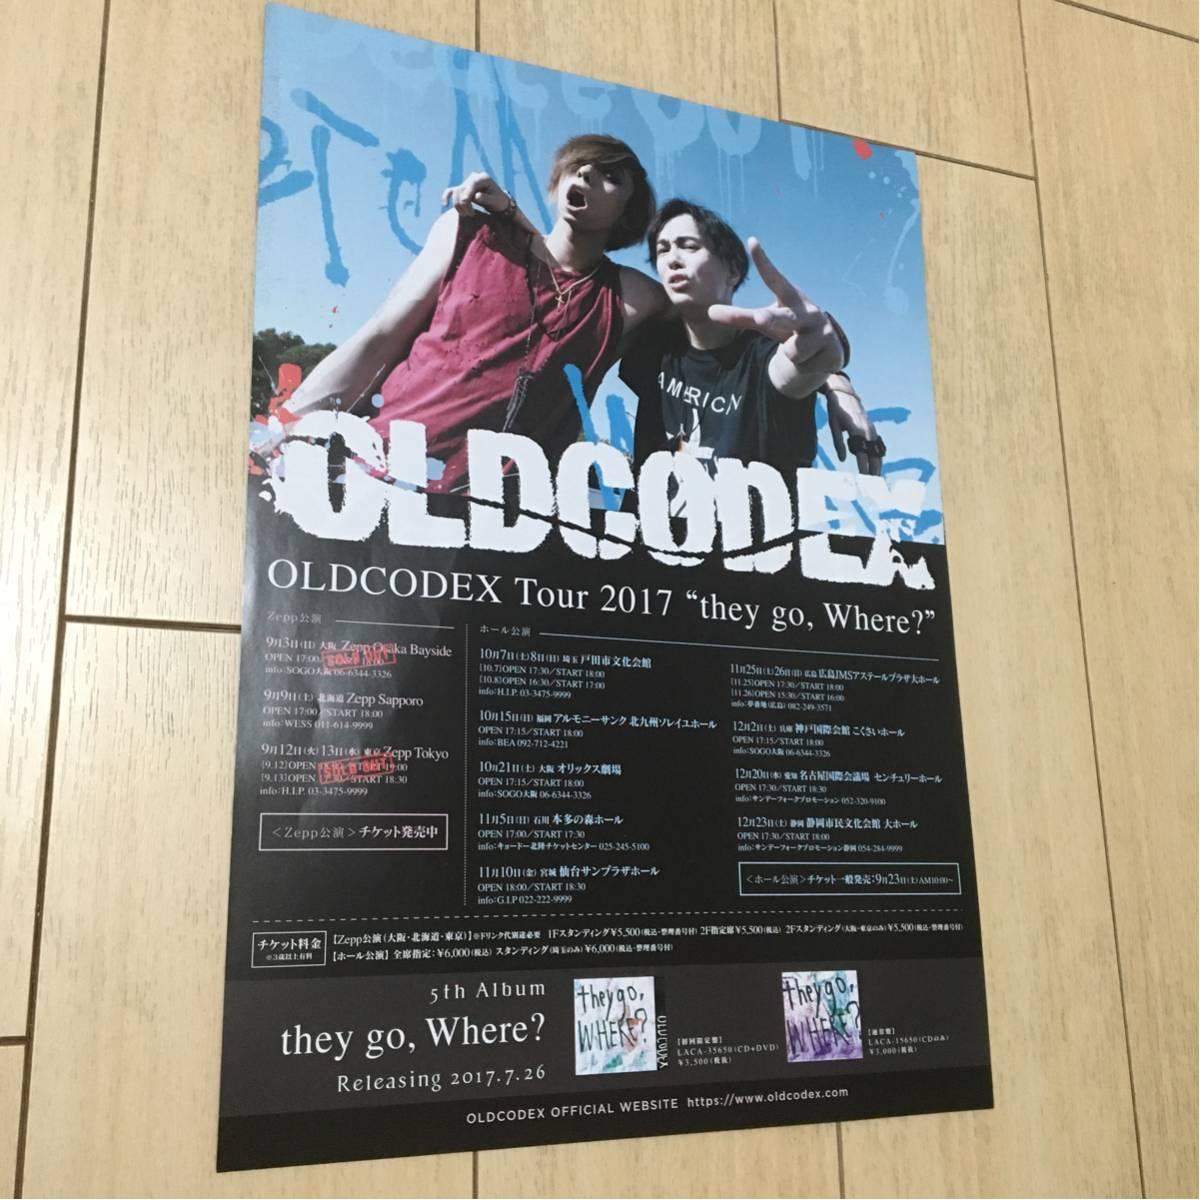 オルドコデックス oldcodex ライブ 告知 チラシ ツアー tour 2017 they go, where? コンサート アルバム 発売 5th album